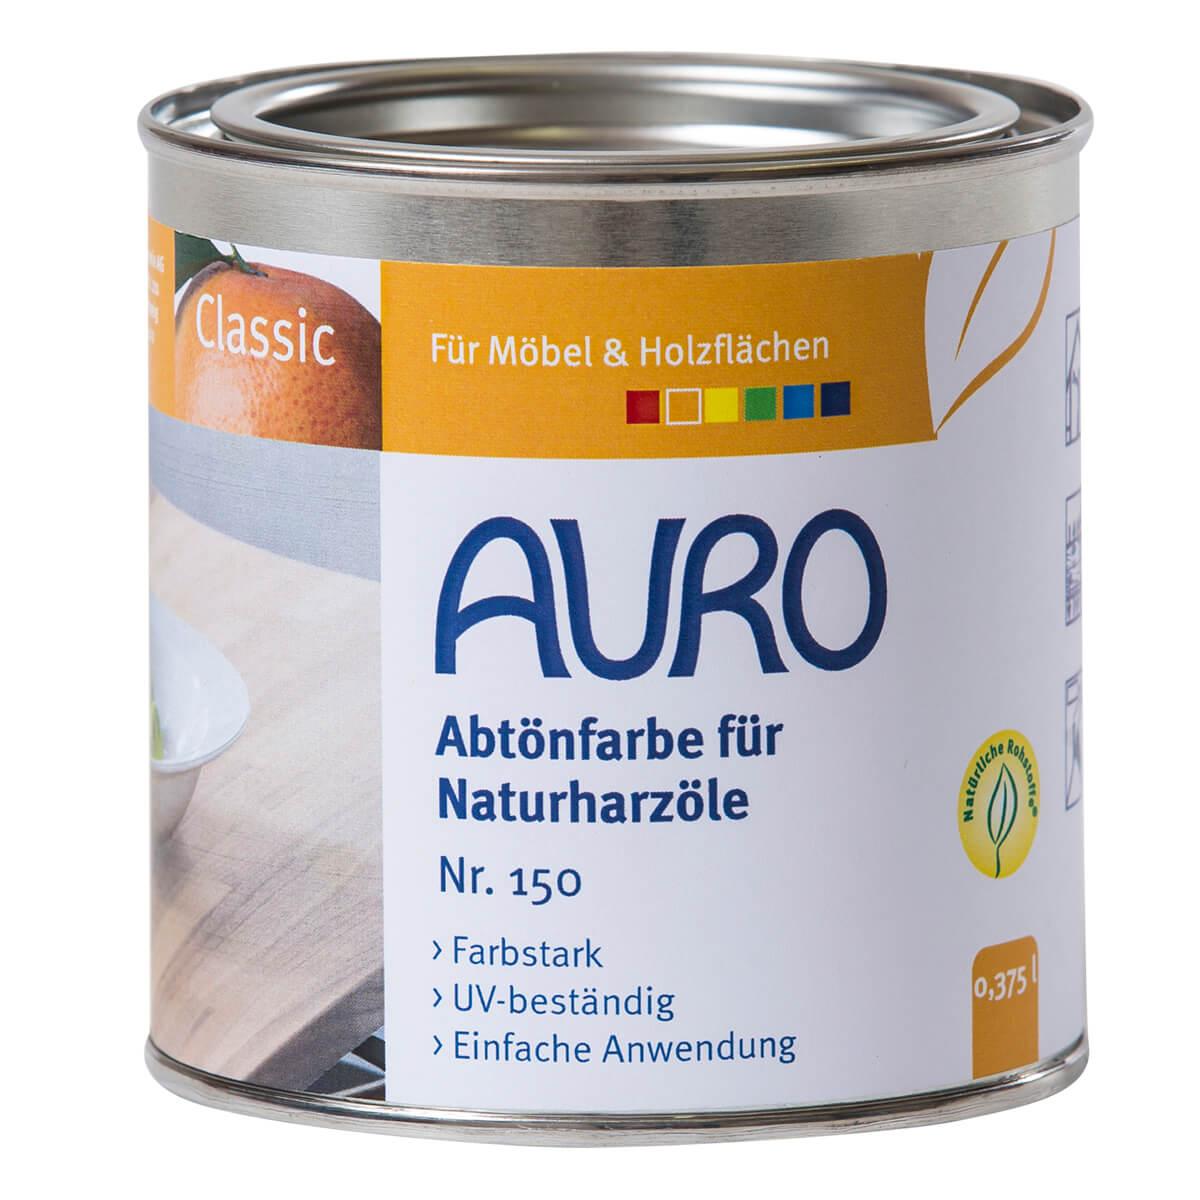 AURO Abtönfarbe für Naturharzöle Nr. 150 Erd-Schwarz